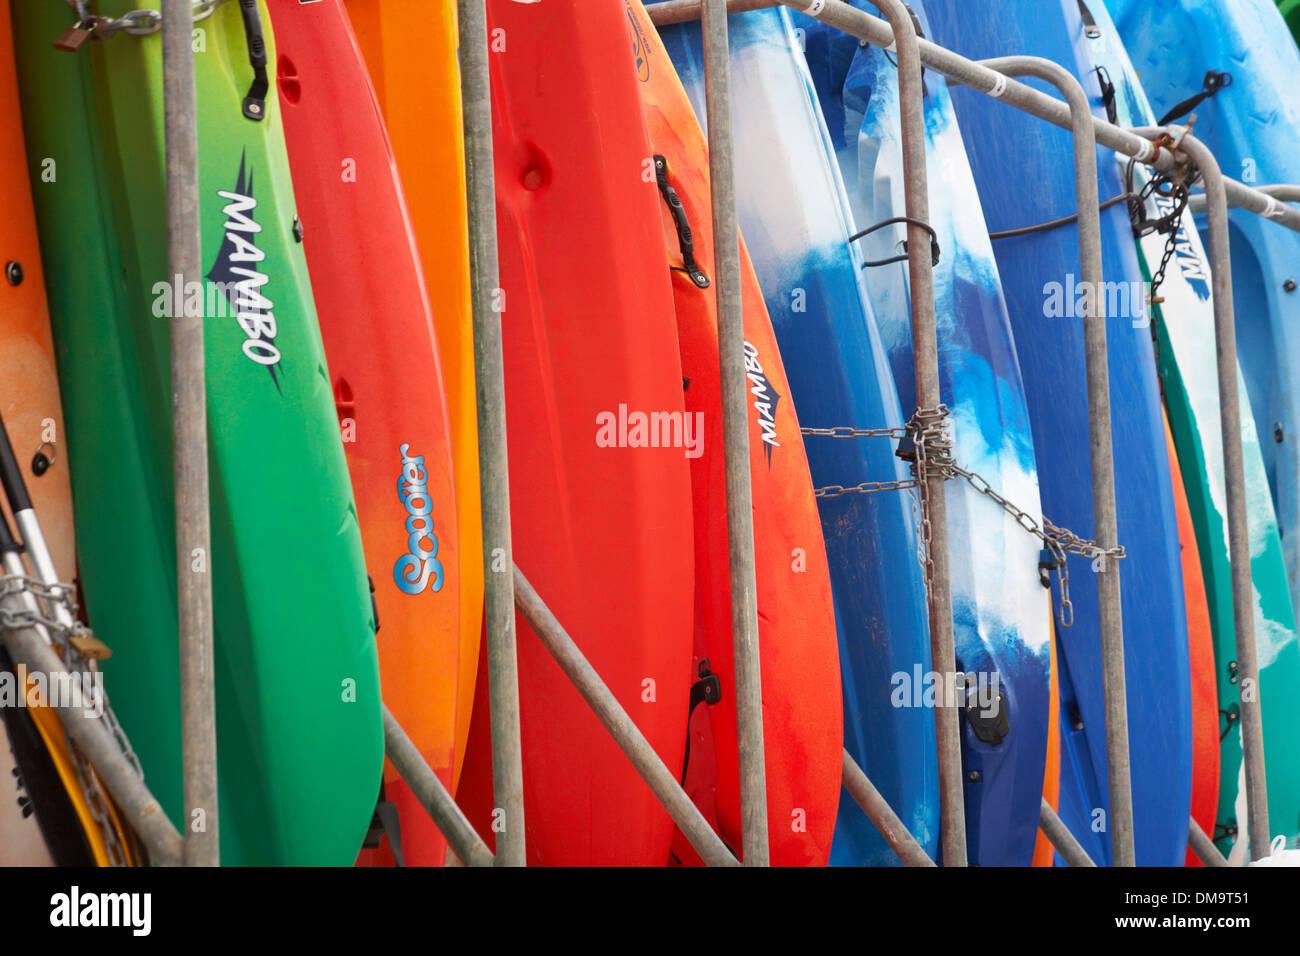 Kayak Rack Stock Photos Amp Kayak Rack Stock Images Alamy